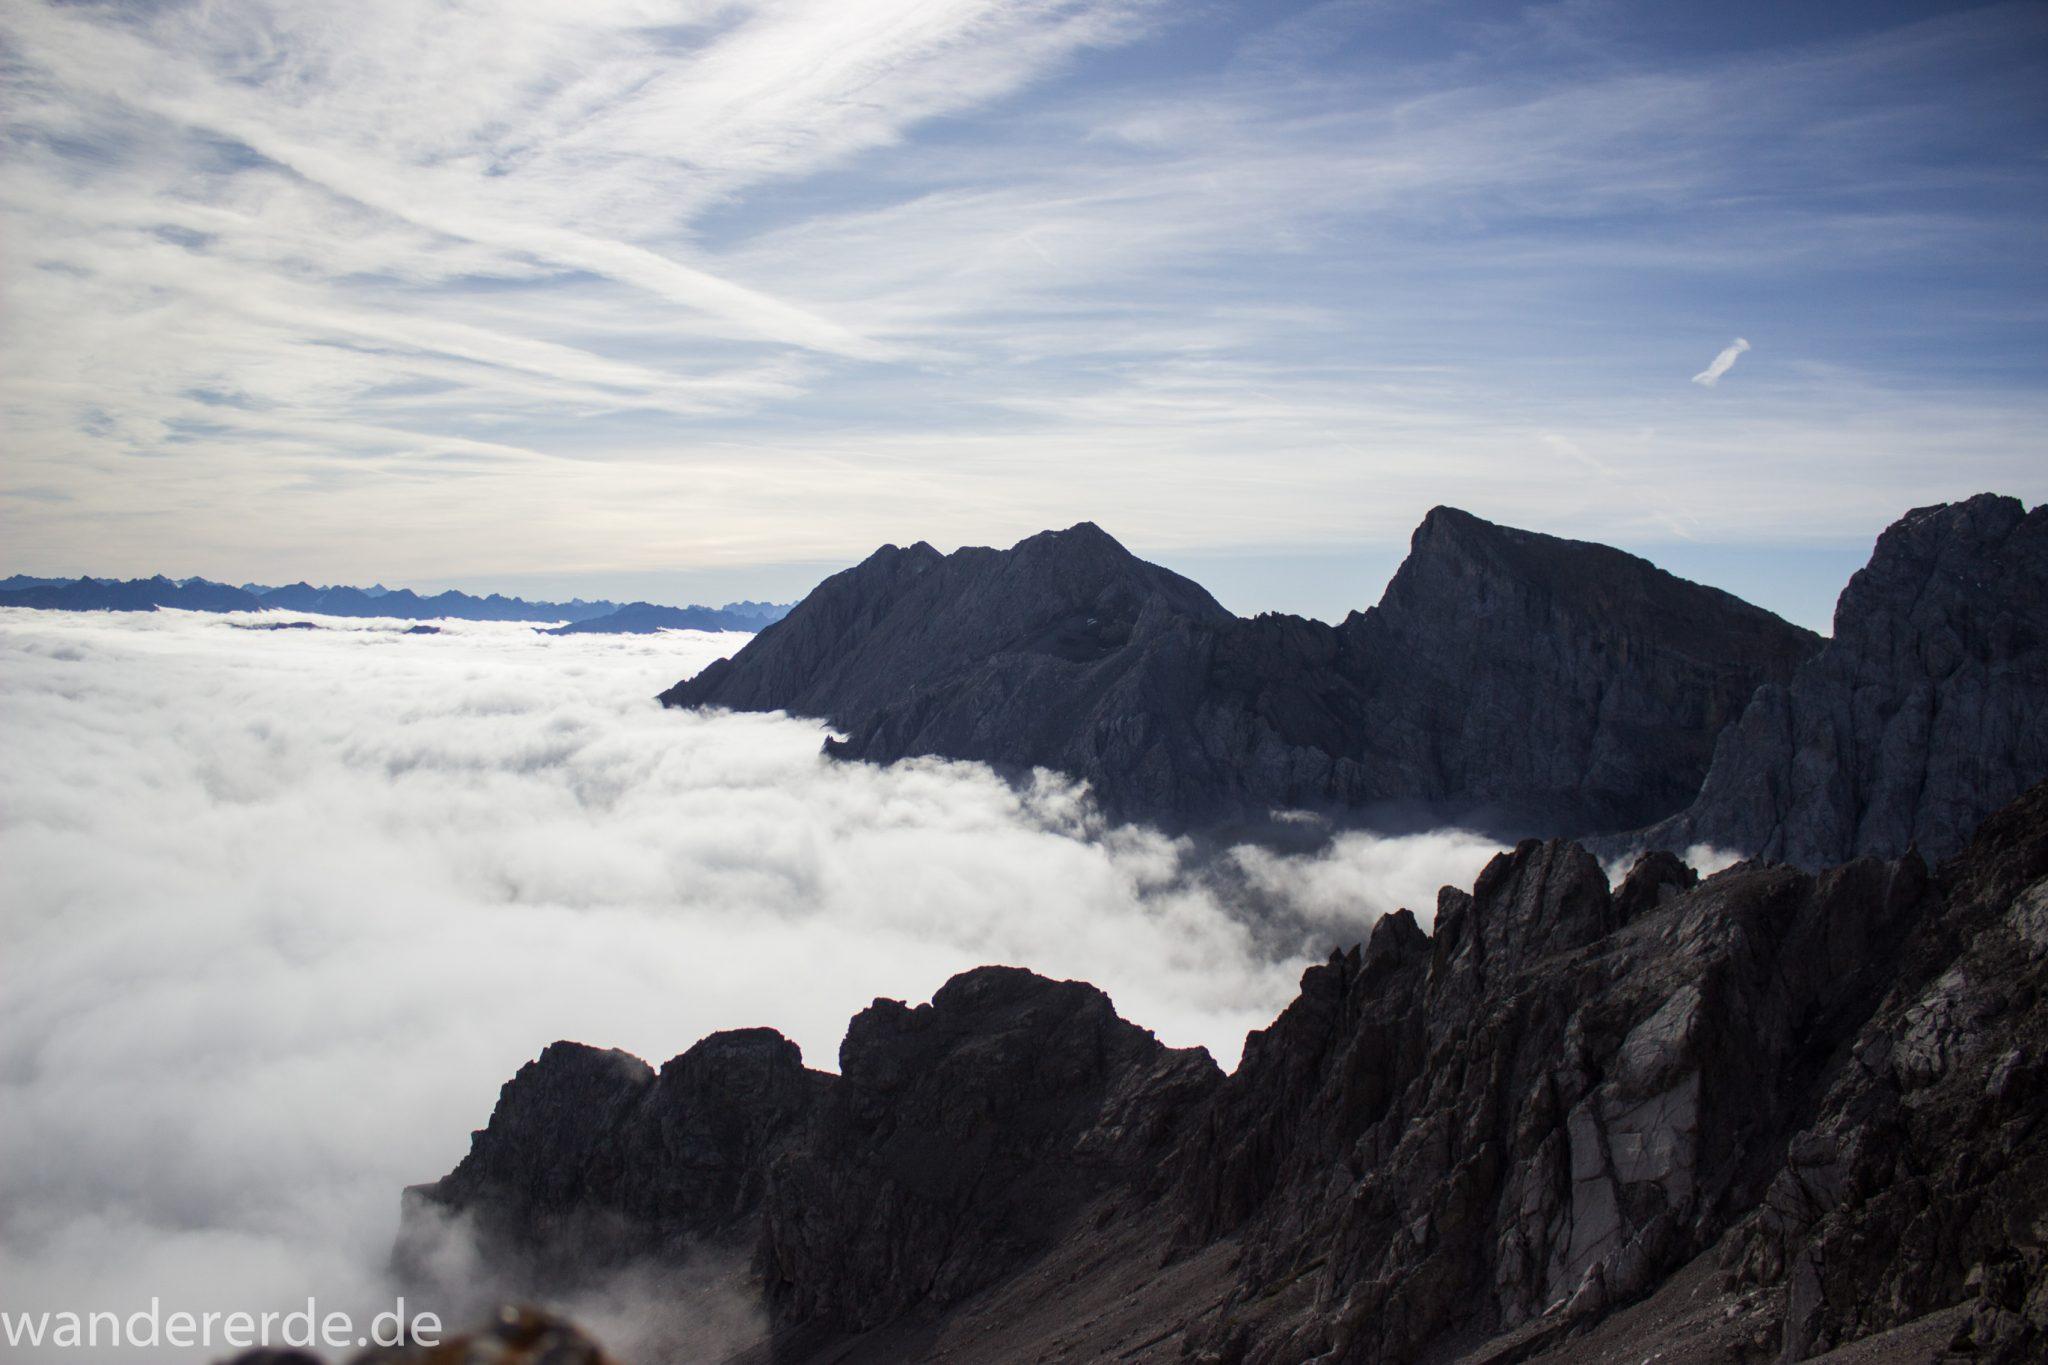 Alpenüberquerung Fernwanderweg E5 Oberstdorf Meran, 3. Etappe von Memminger Hütte zur Skihütte Zams, E5 Wanderweg führt zu Beginn der dritten Etappe ab der Memminger Hütte über steilen und ausgesetzten Wanderweg über die Seescharte, Blick auf die vor einem liegenden Berge der Alpen bei Erreichen der Seescharte, nach langem, steilen Aufstieg auf der schattigen Seite erreicht man damit die sonnige Seite